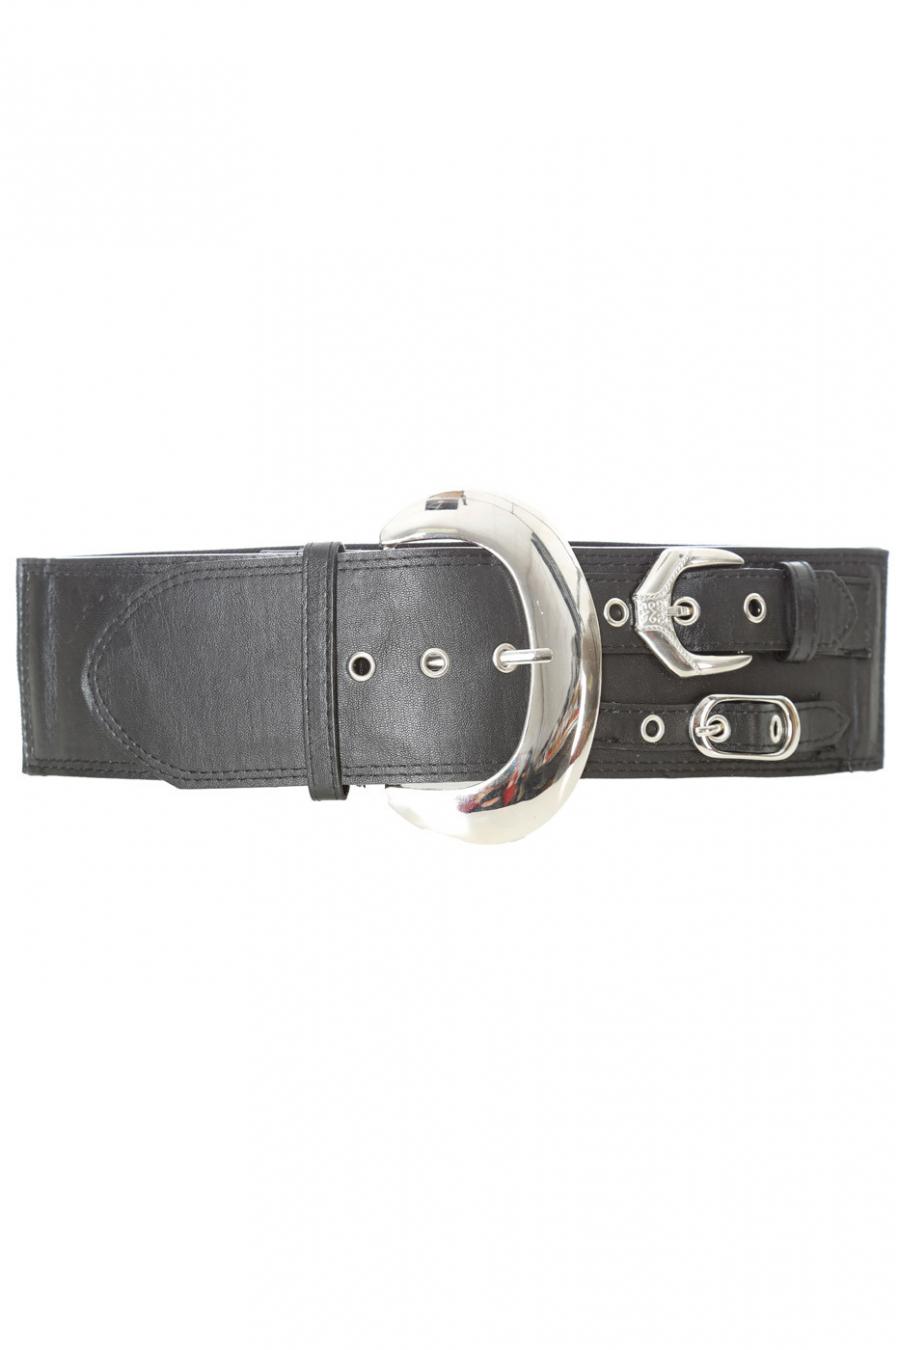 Ceinture élastique noir avec décoration sur le côté effet double ceinture - SG - 0306